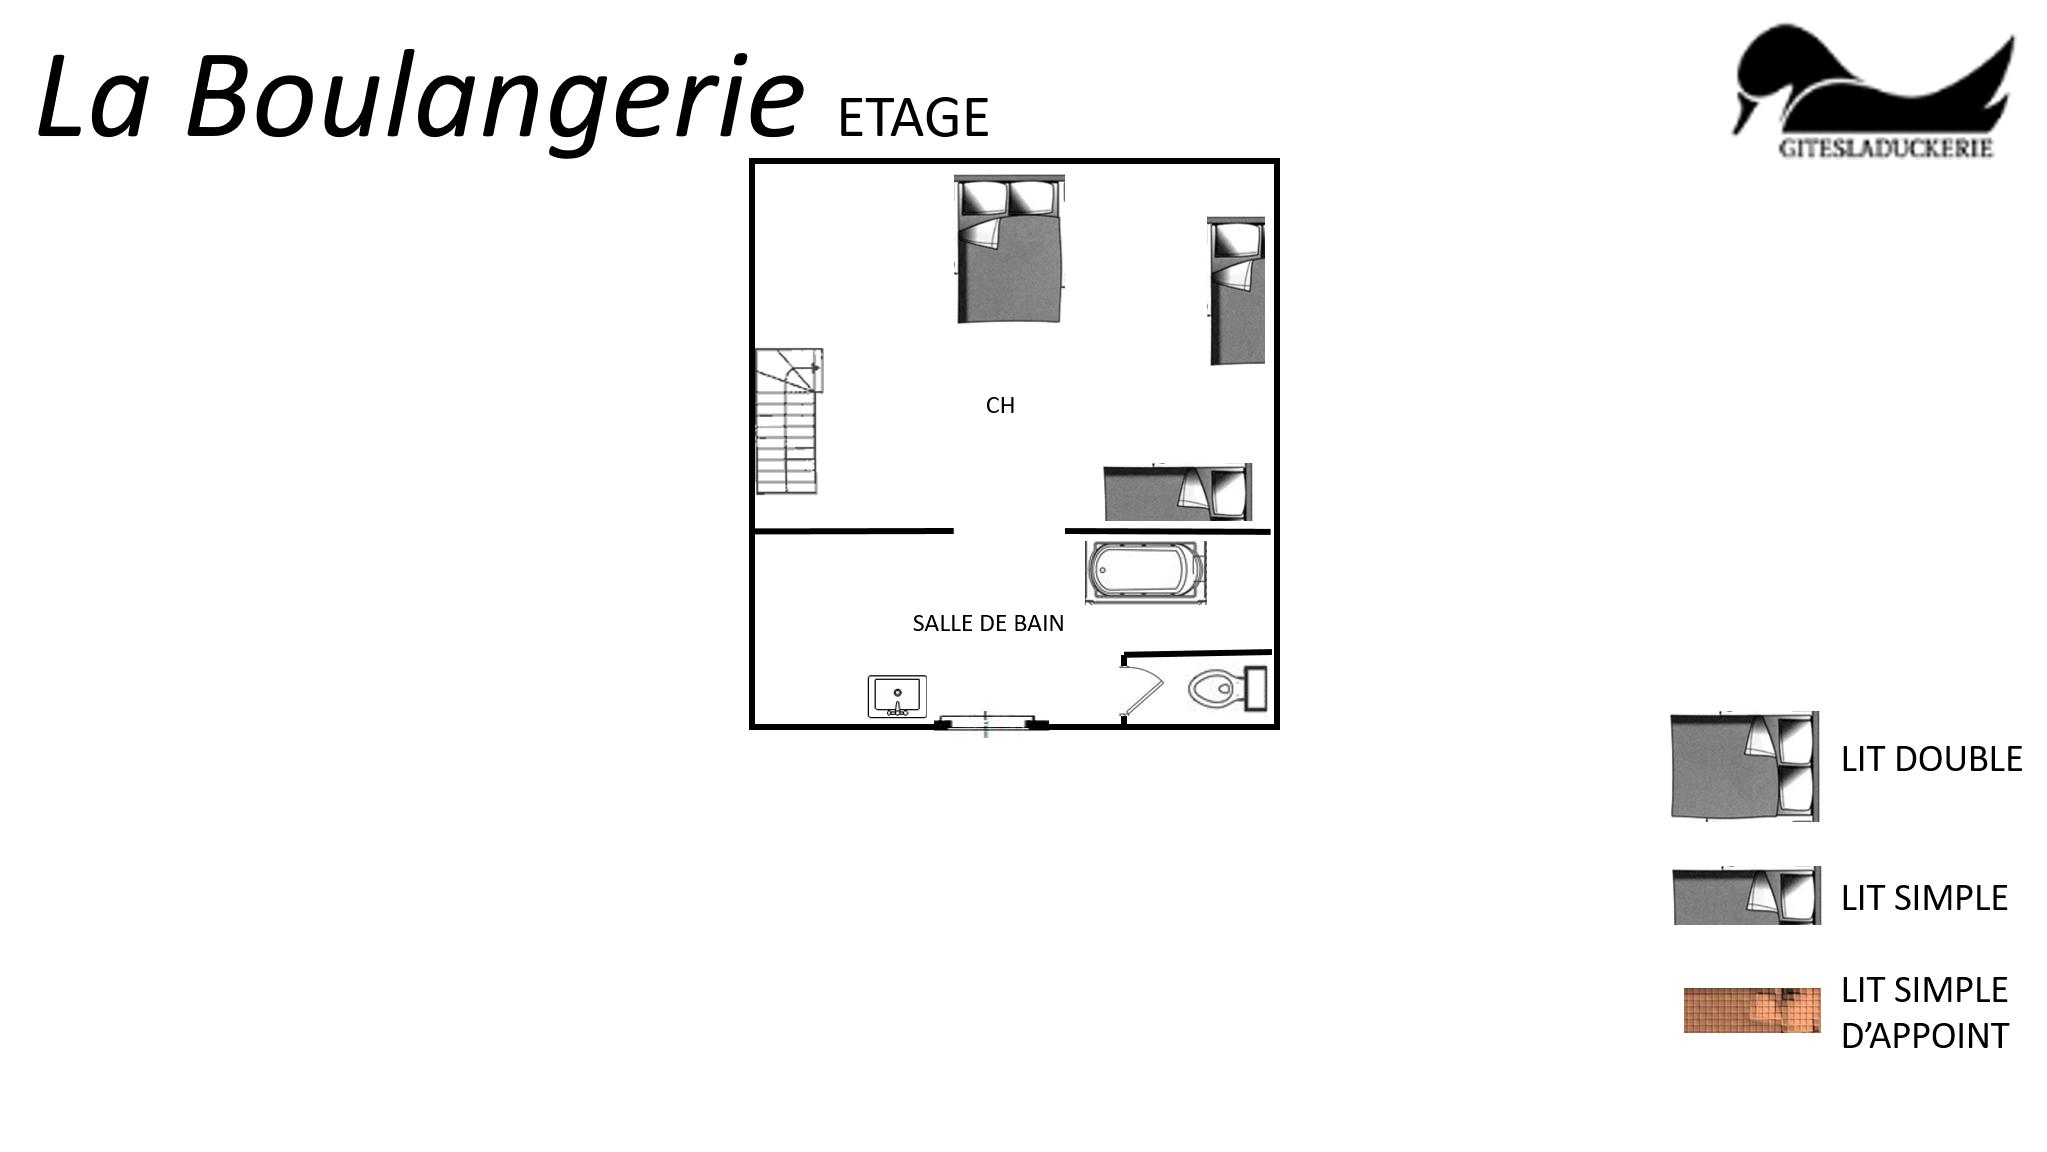 La Boulangerie plans 1er - LA BOULANGERIE - Location de Gite La Clef Decamp - Laclefdecamp.fr